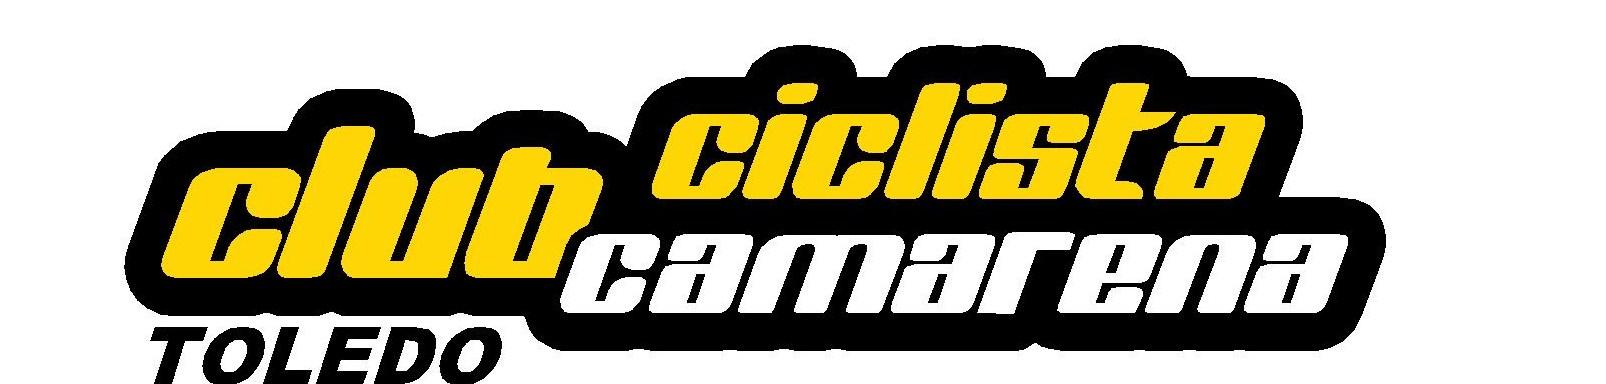 clubciclistacamarena.blogspot.com/